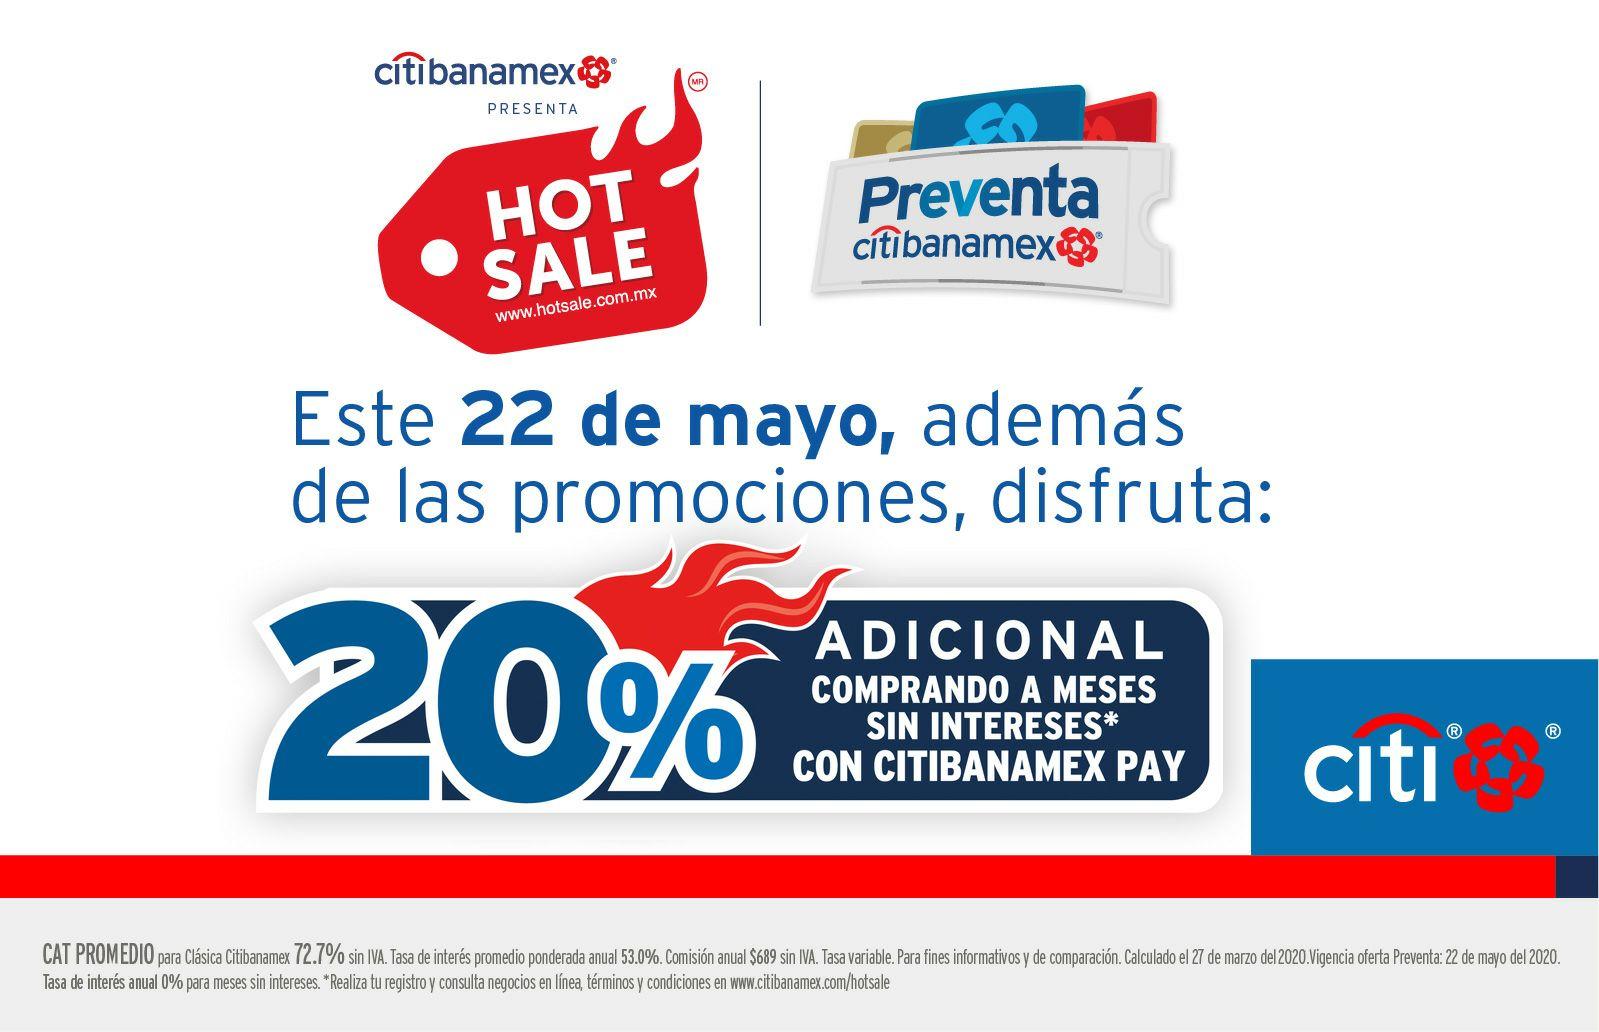 Hot sale 2020:Este 22 de mayo disfruta el 20% adicional comprando a meses sin intereses con citibanamex pay